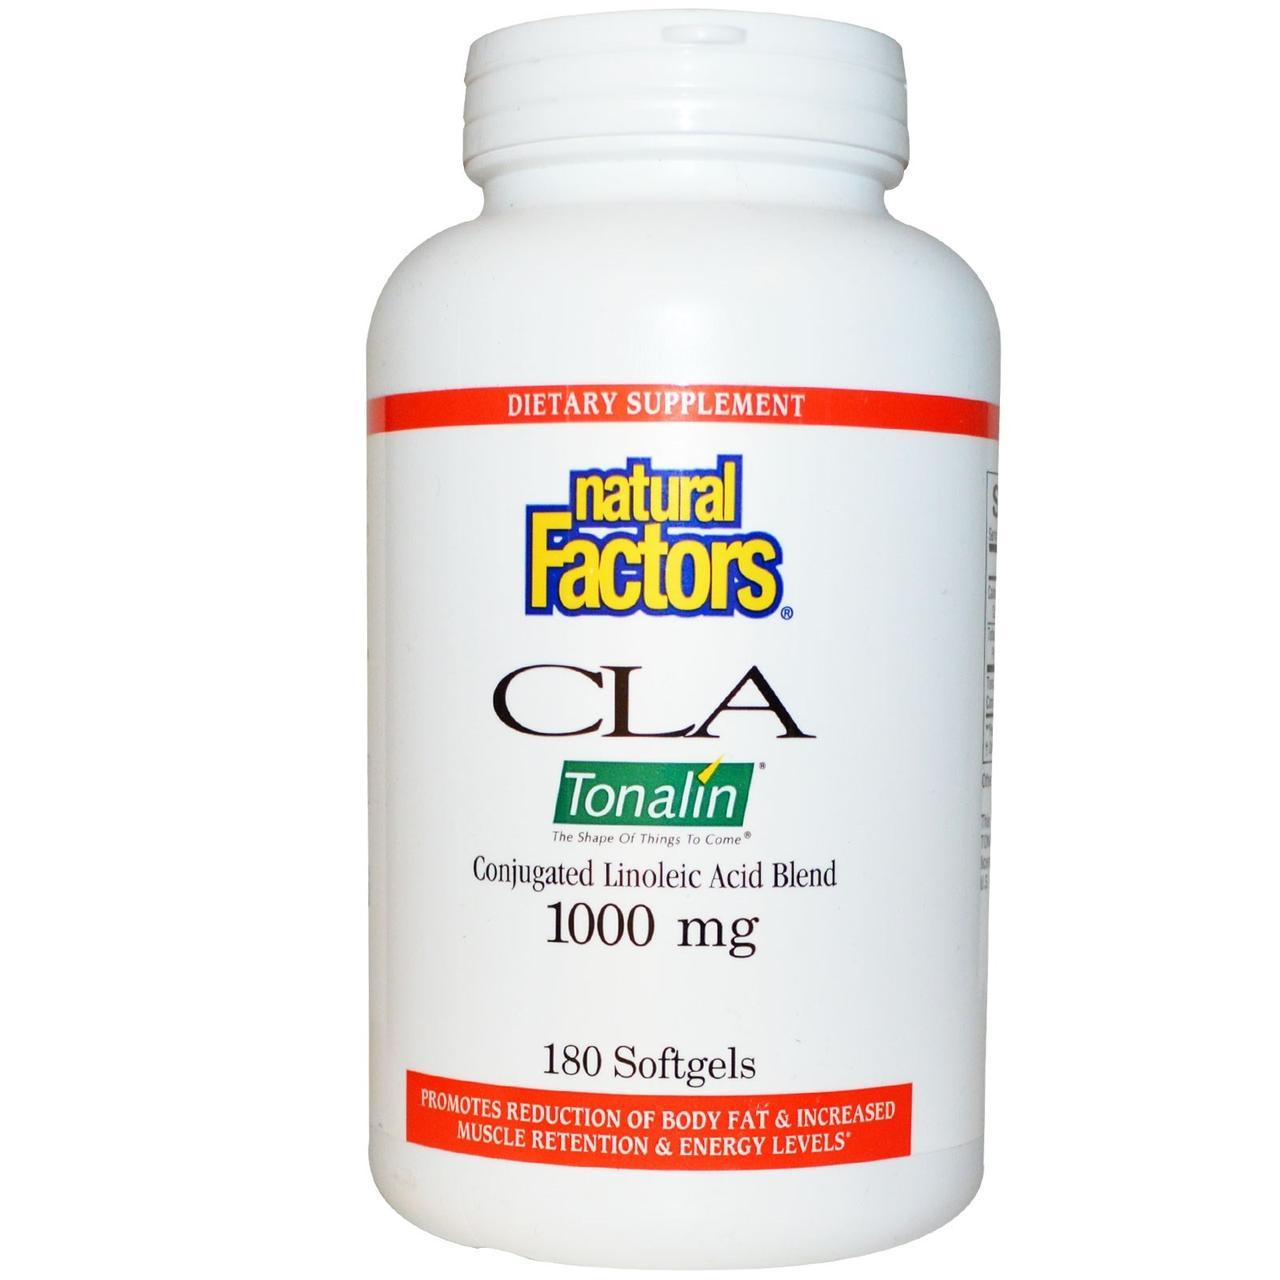 Natural Factors, CLA, смесь с конъюгированной линолевой кислотой, 1000 мг, 180 мягких капсул - Интернет-магазин для здоровой жизни в Киеве